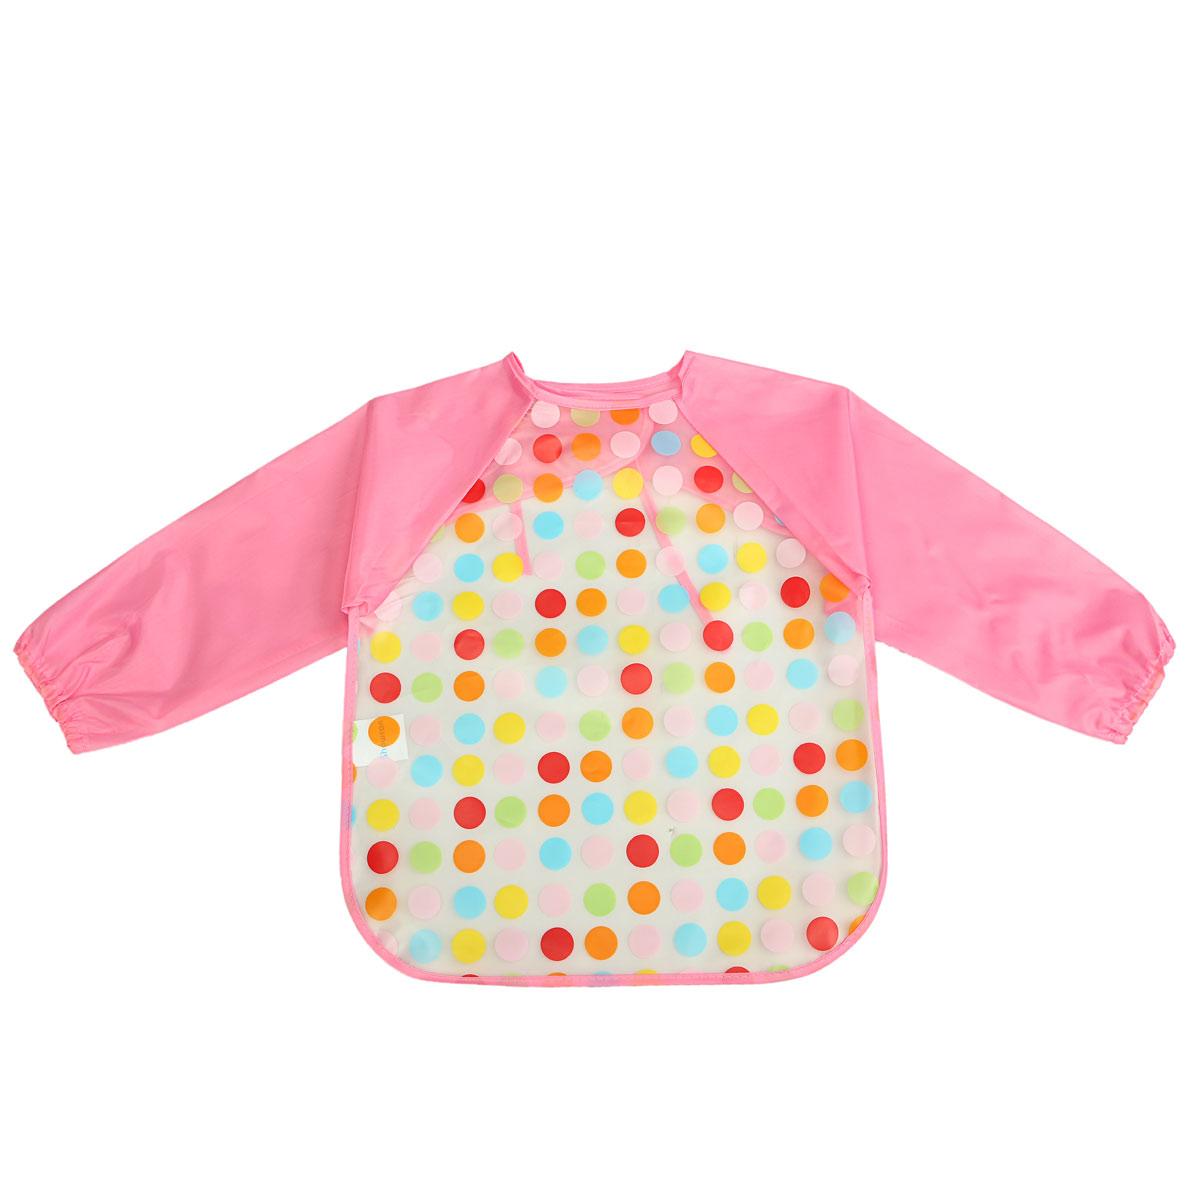 bavette pr enfant bib bébé blouse repas imperméable Bandana Bavoir